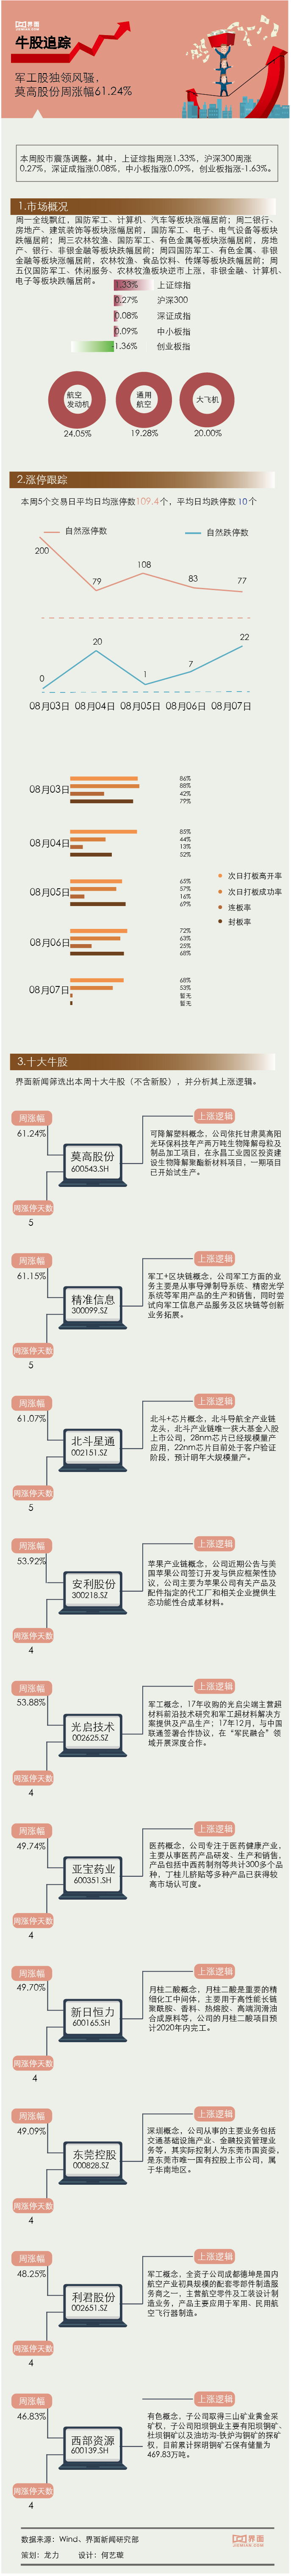 【一周牛股】军工股独领风骚,莫高股份周涨幅61.24%